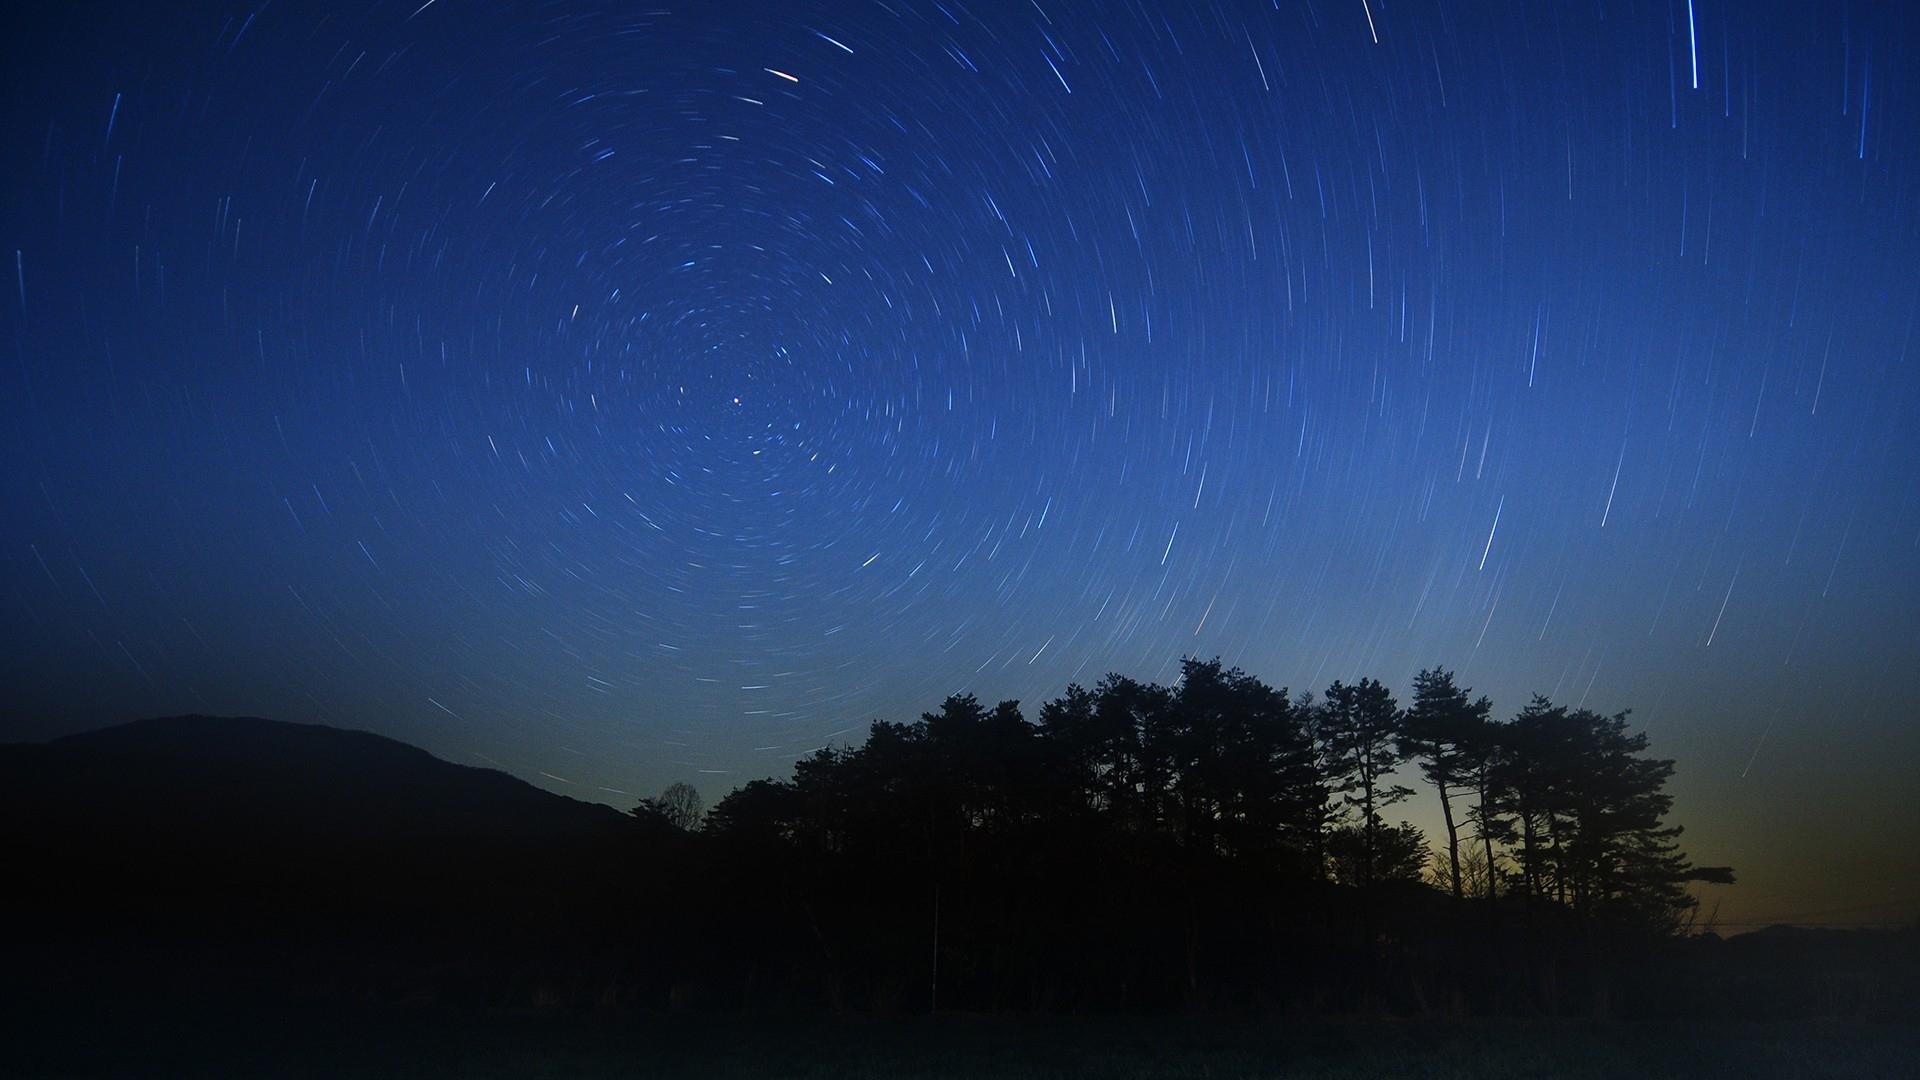 Fantastic Wallpaper Night Grass - night_stars_beautiful_grass_trees_86207_1920x1080  Photograph-81123.jpg